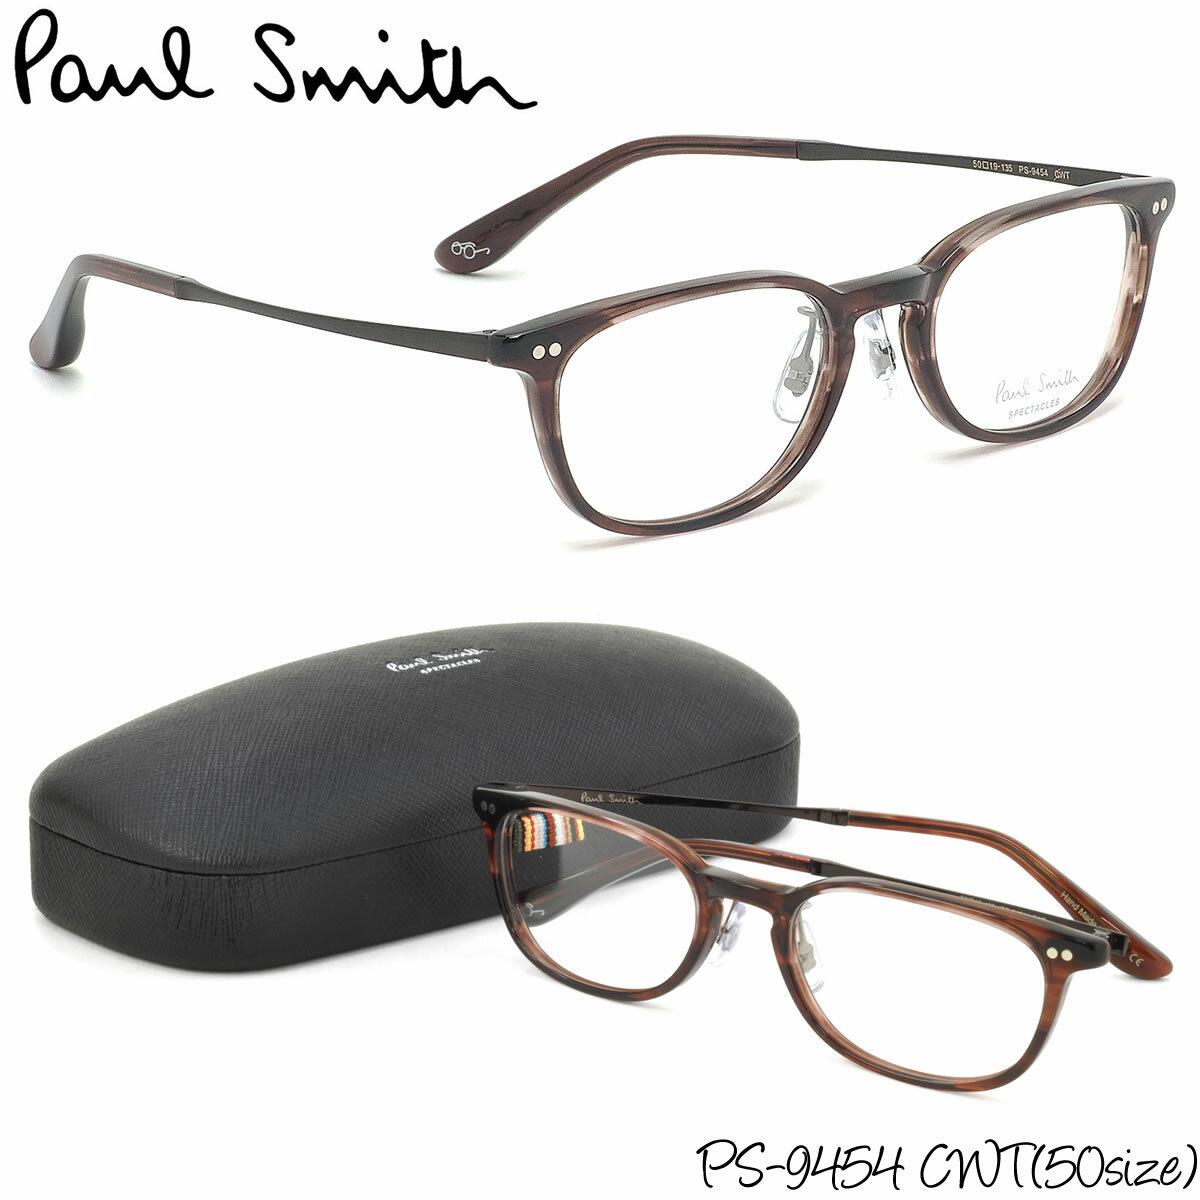 【ポールスミス】 (Paul Smith) メガネPS9454 CWT 50サイズスクエア PaulSmith メンズ レディース